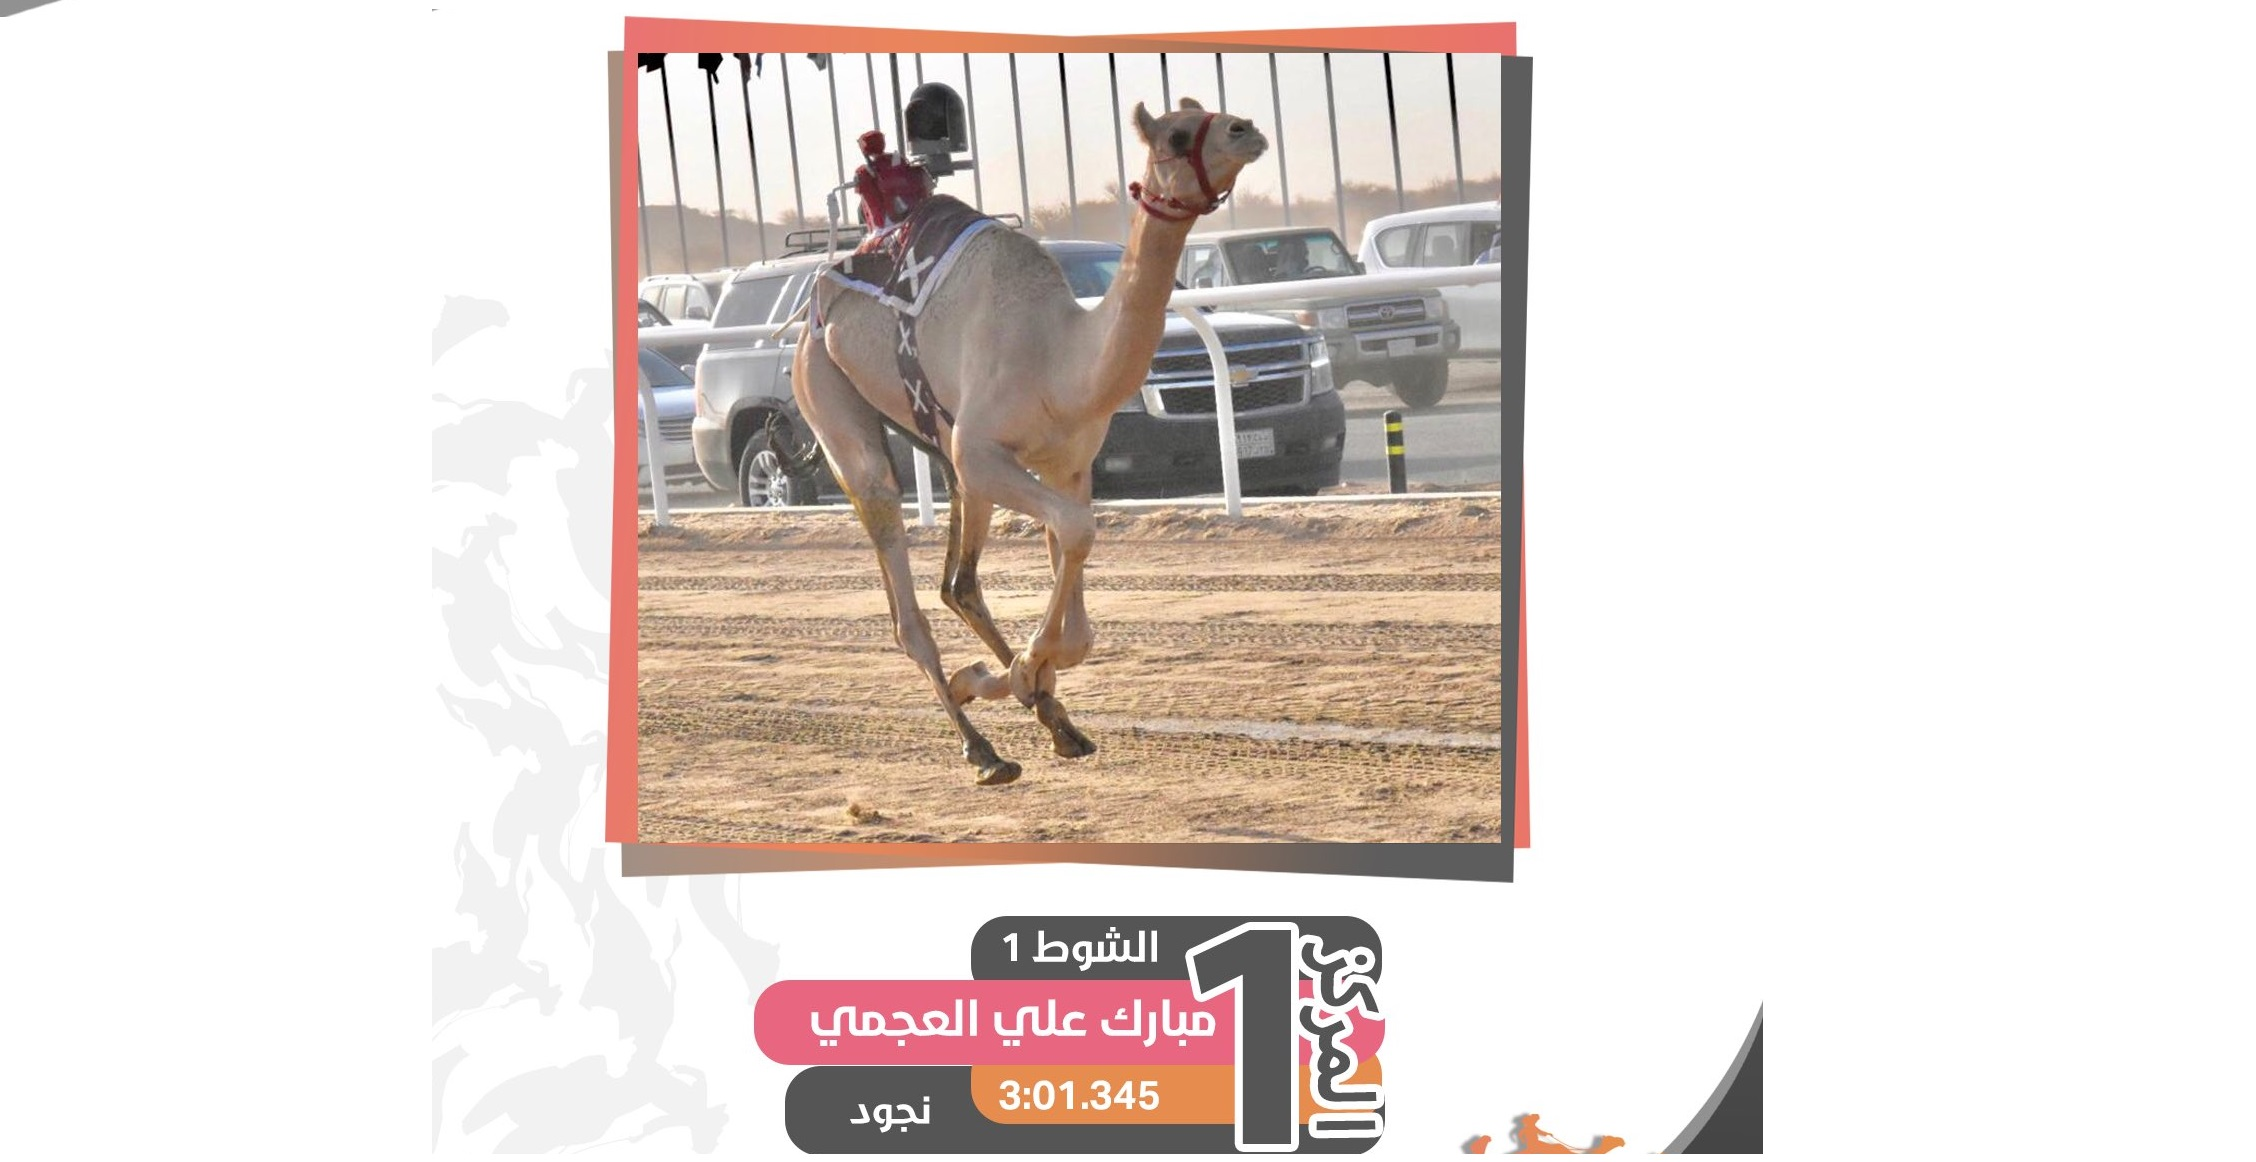 شعار مبارك العجمي يقص شريط النواميس لثاني أيام مهرجان ولي العهد للهجن بالسعودية